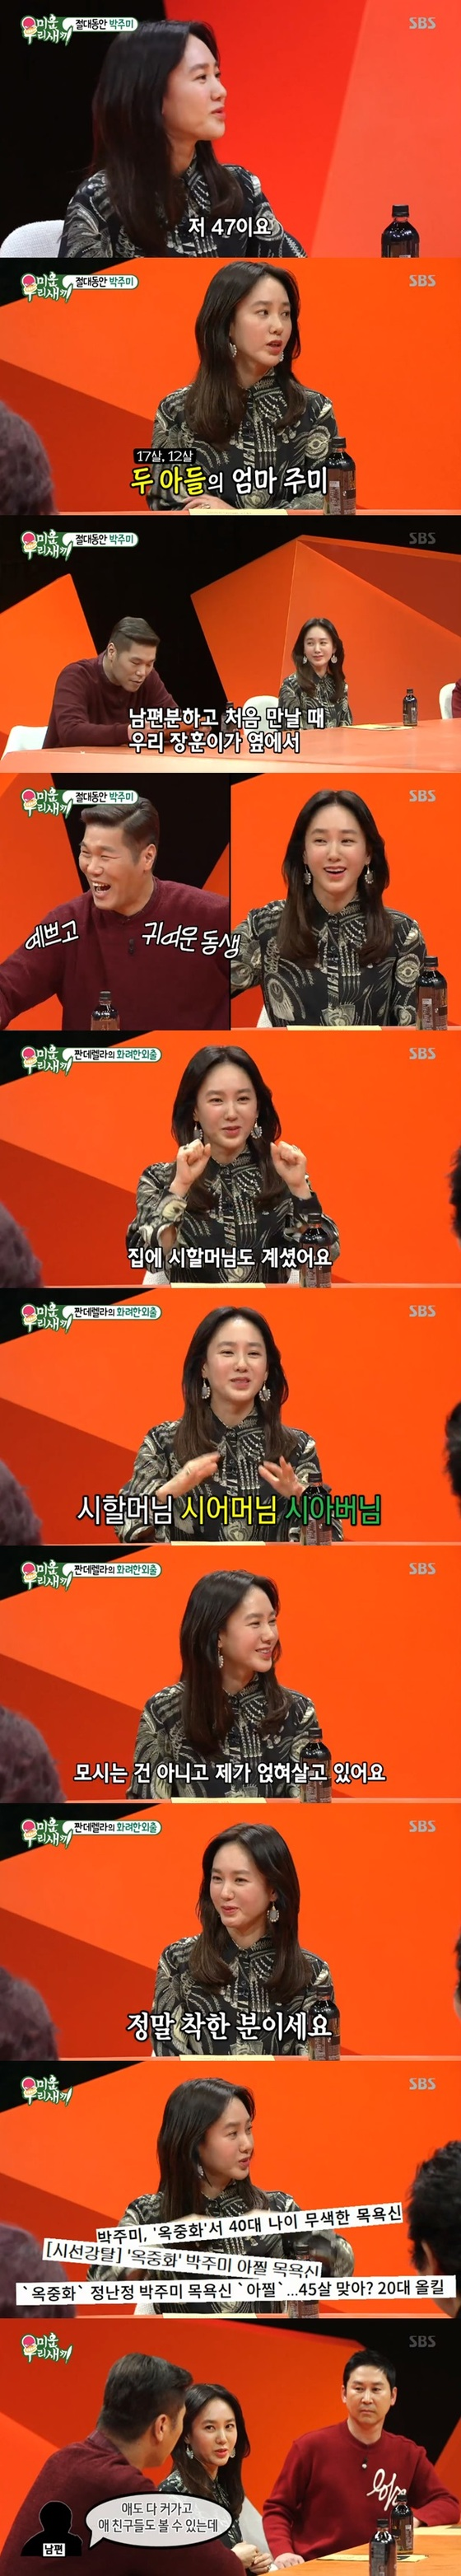 [RE:TV]'미우새' 절대동안 박주미, 결혼 생활 '솔직 토크'